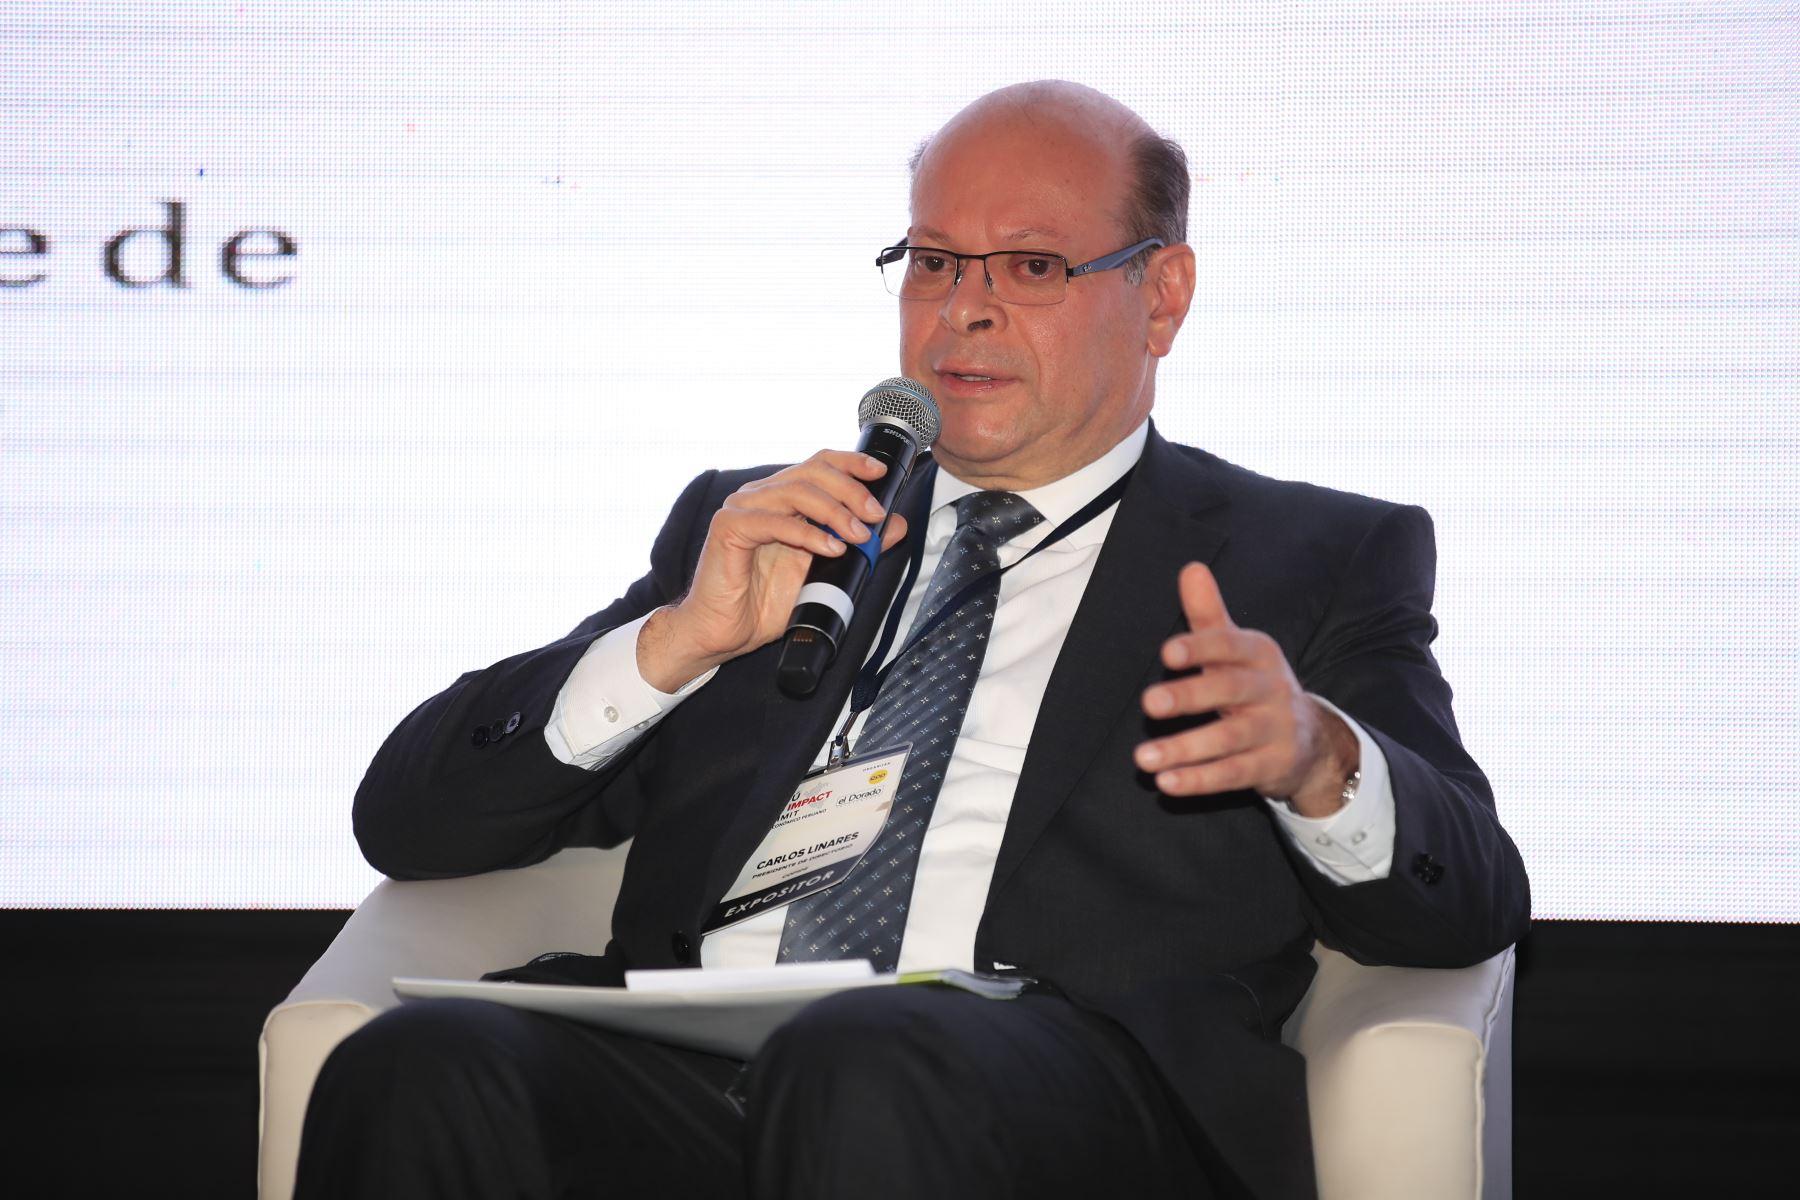 Carlos Linares, presidente de COFIDE,  durante su exposición en el foro: Perú CEO Impact Summit        Agencia Andina/Juan Carlos Guzman Negrini